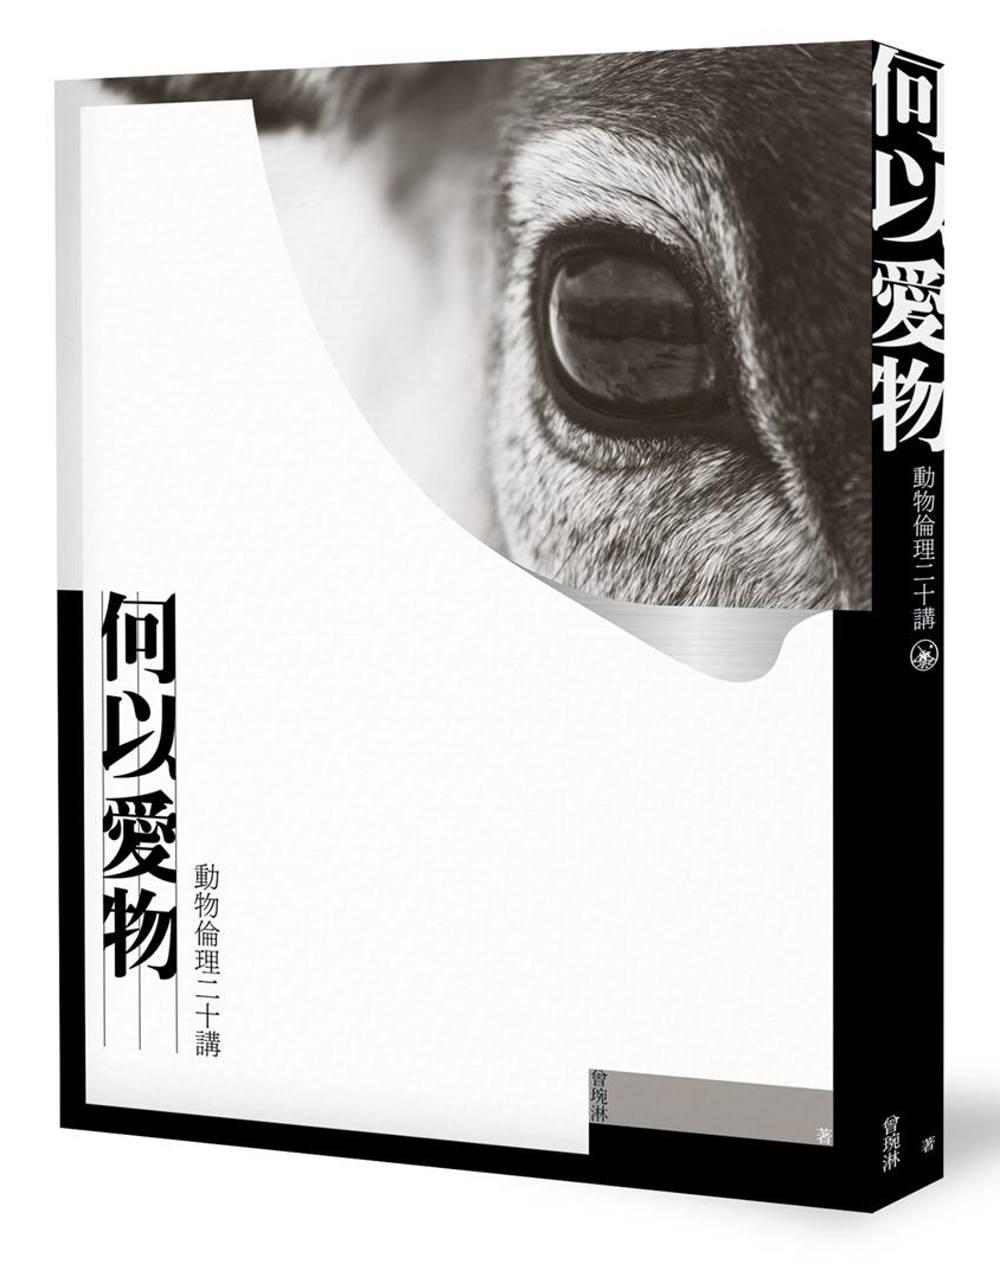 何以愛物:動物倫理二十講